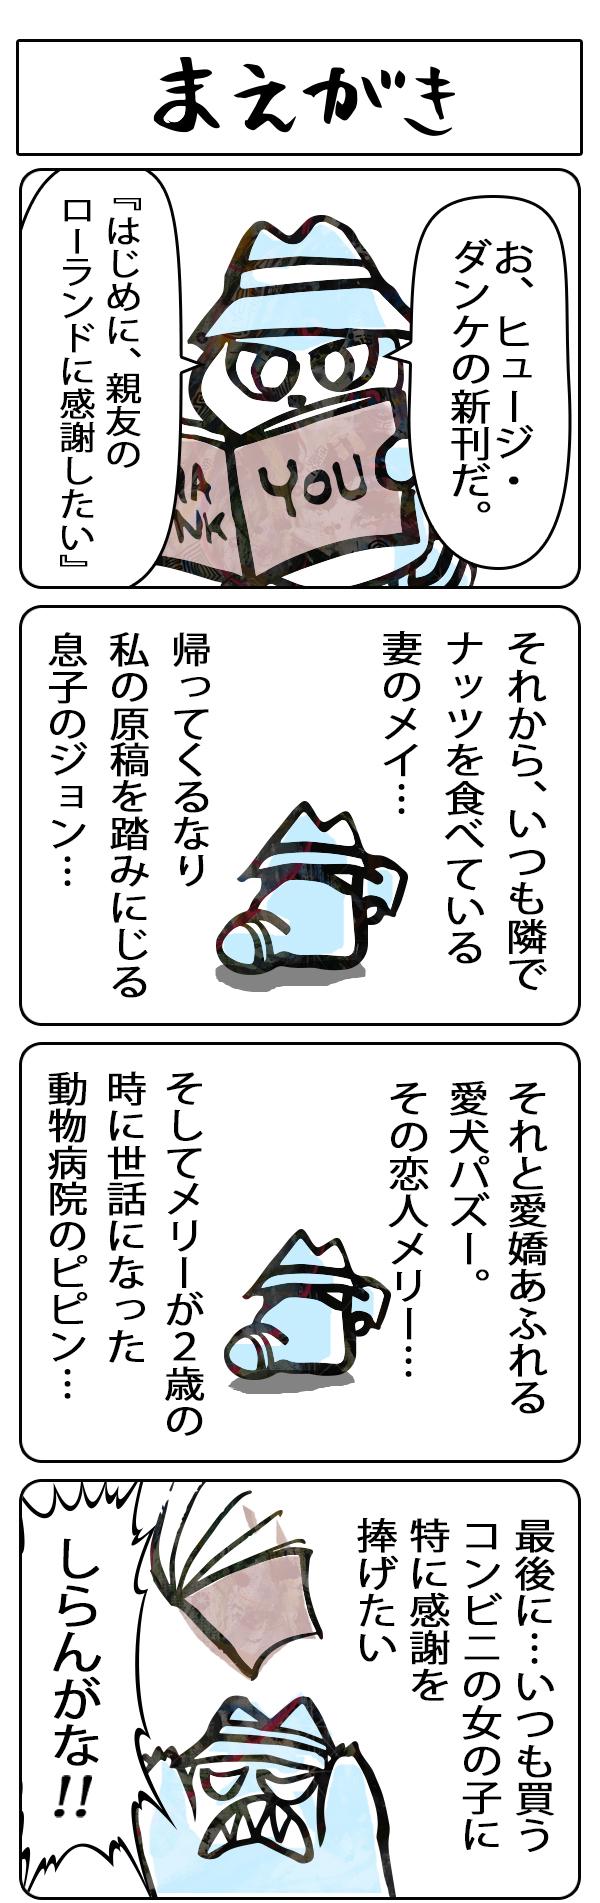 HONZ4コマ漫画_33まえがき